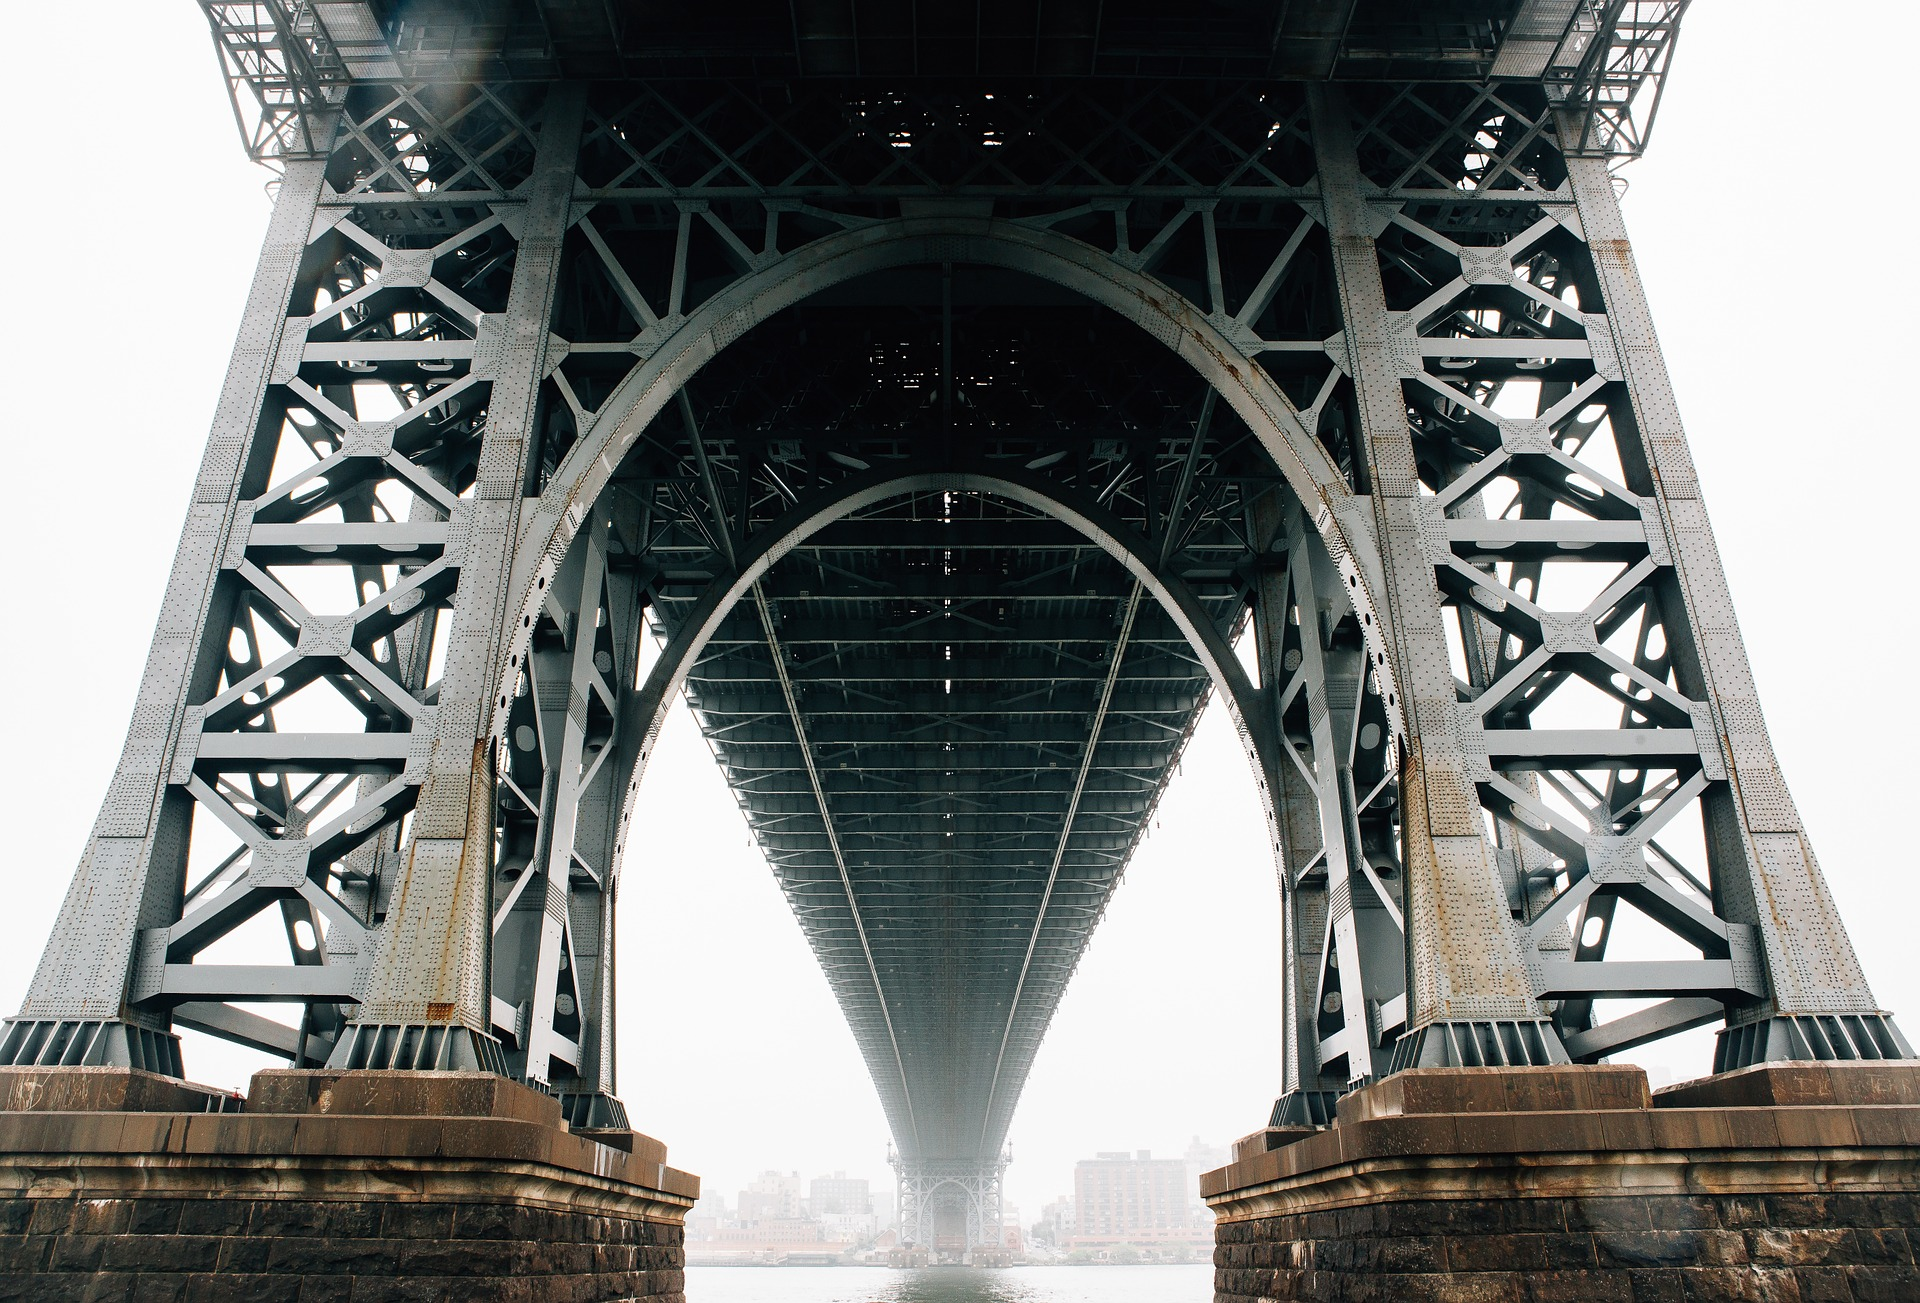 bridge-918575_1920.jpg